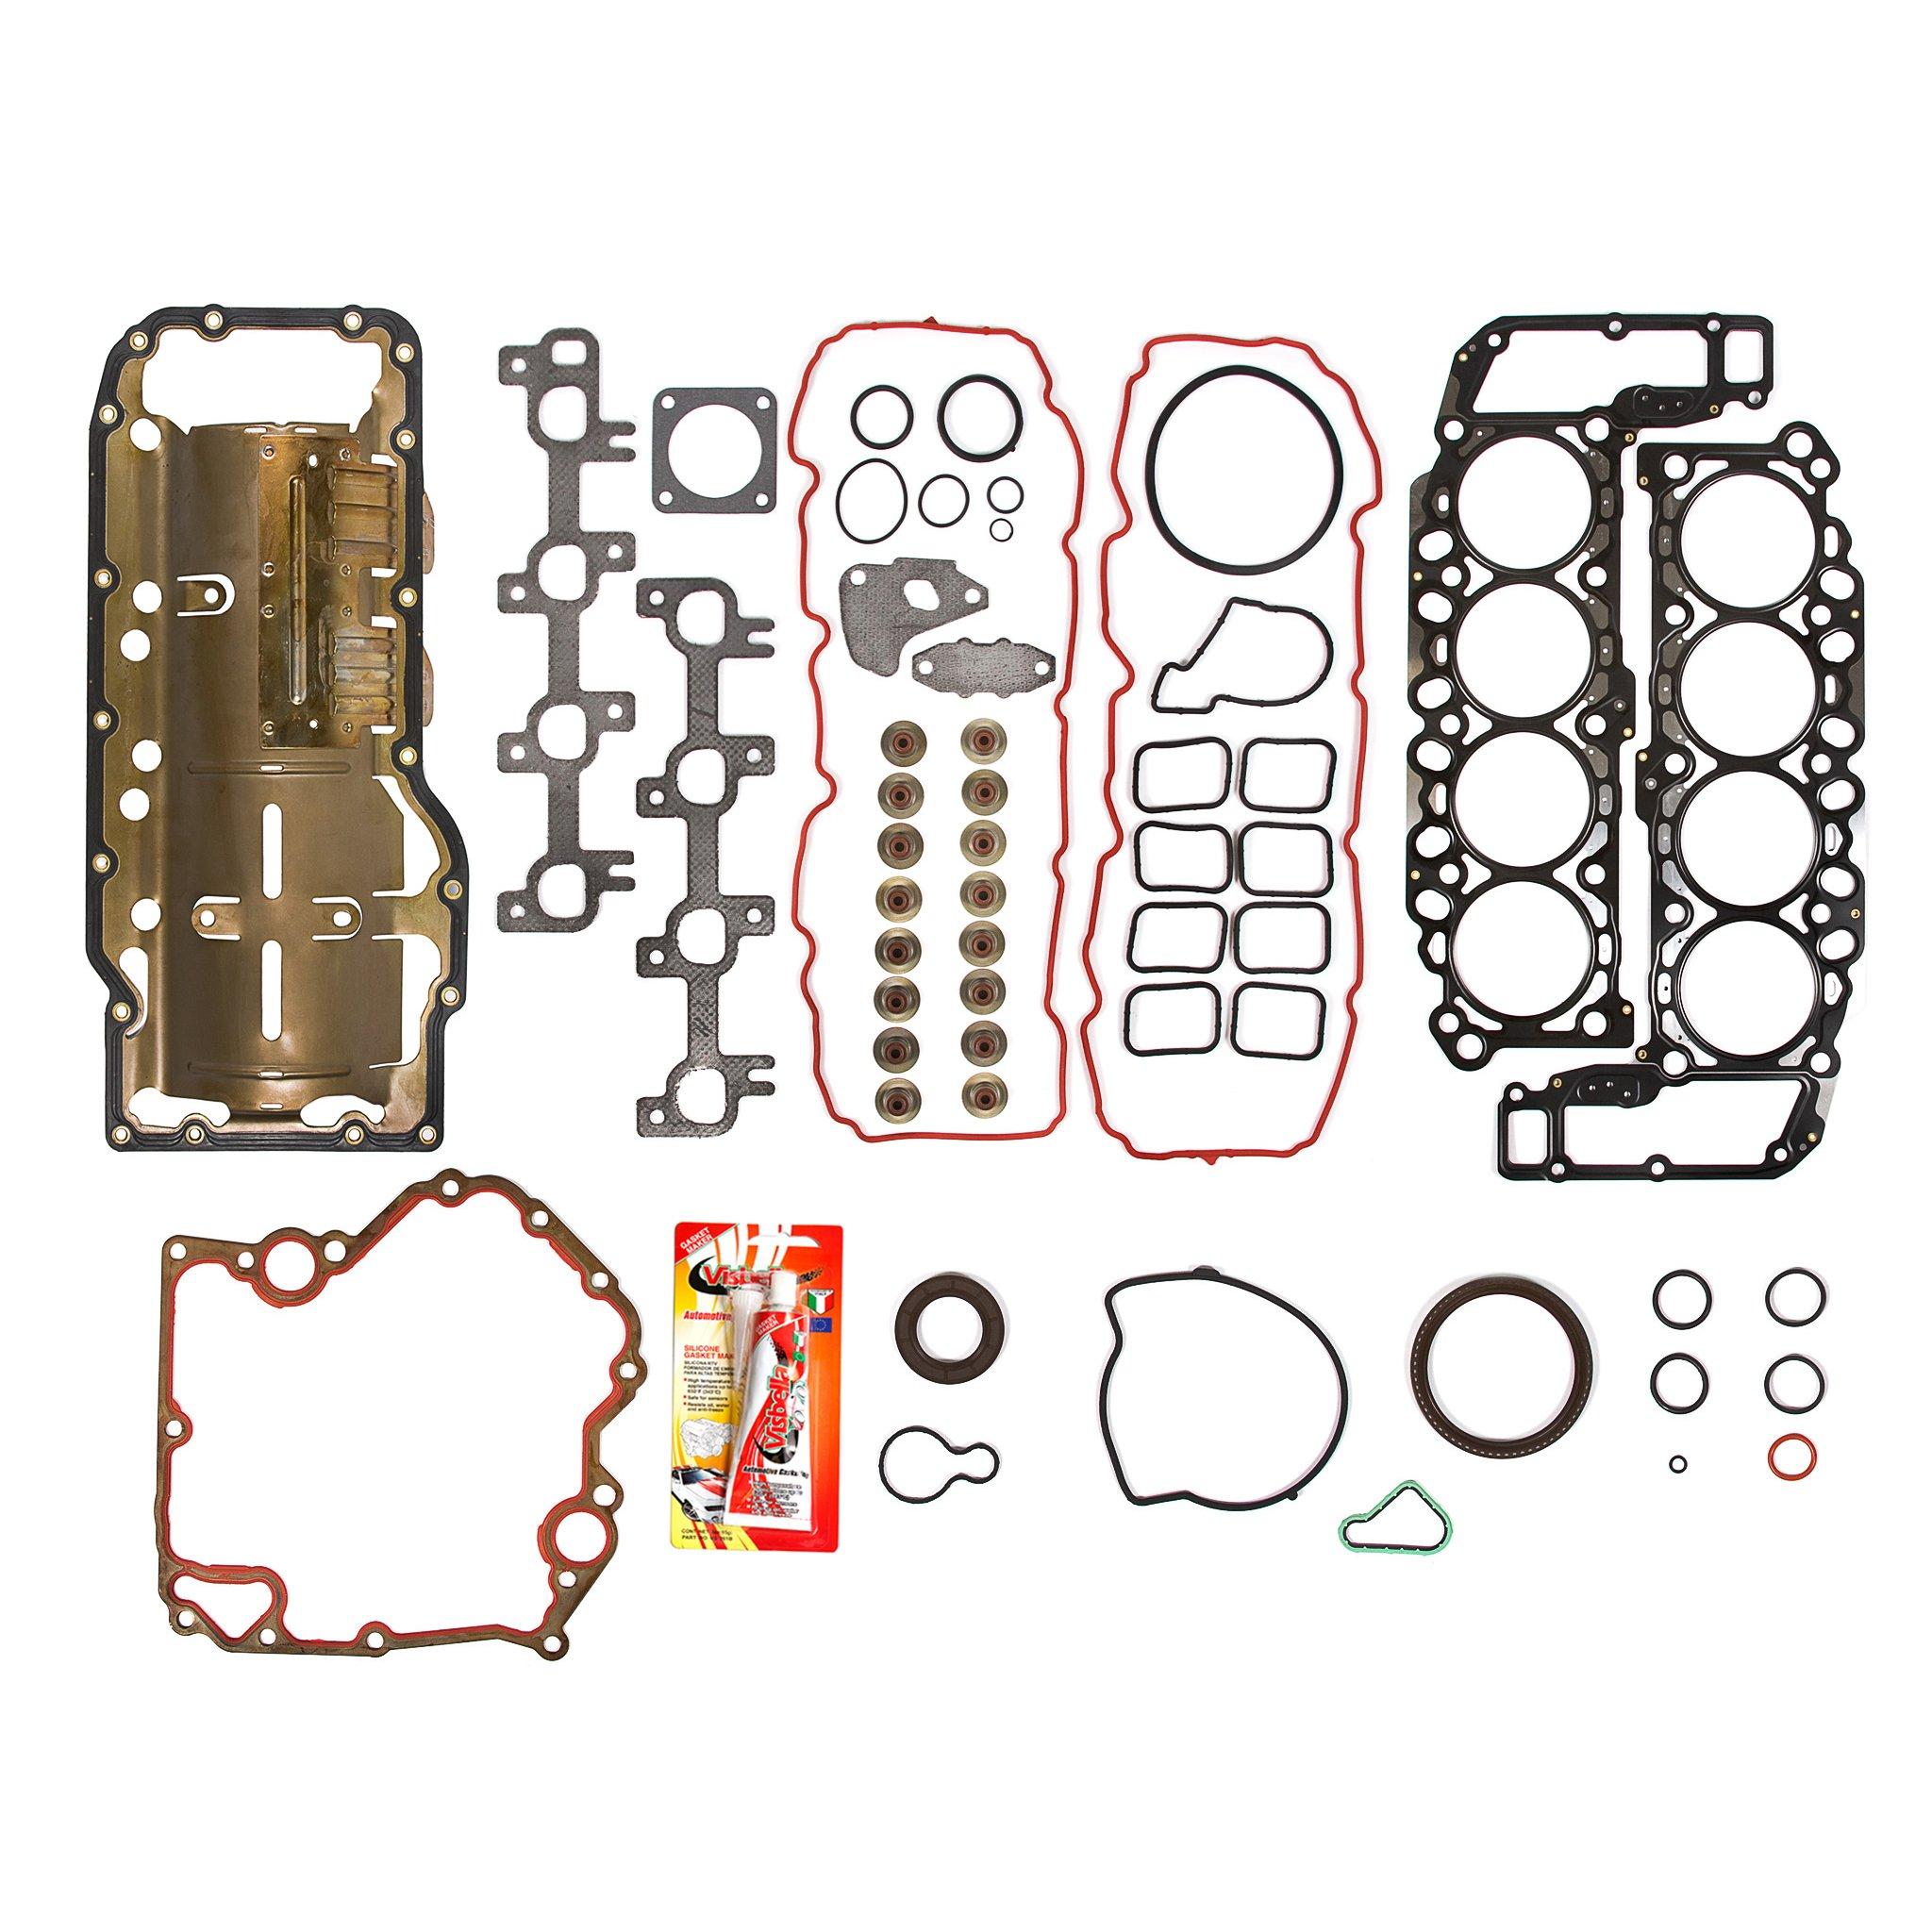 99-02 Dodge Jeep 4.7 Liter 287 V8 Vin N Full Gasket Set by Domestic Gaskets